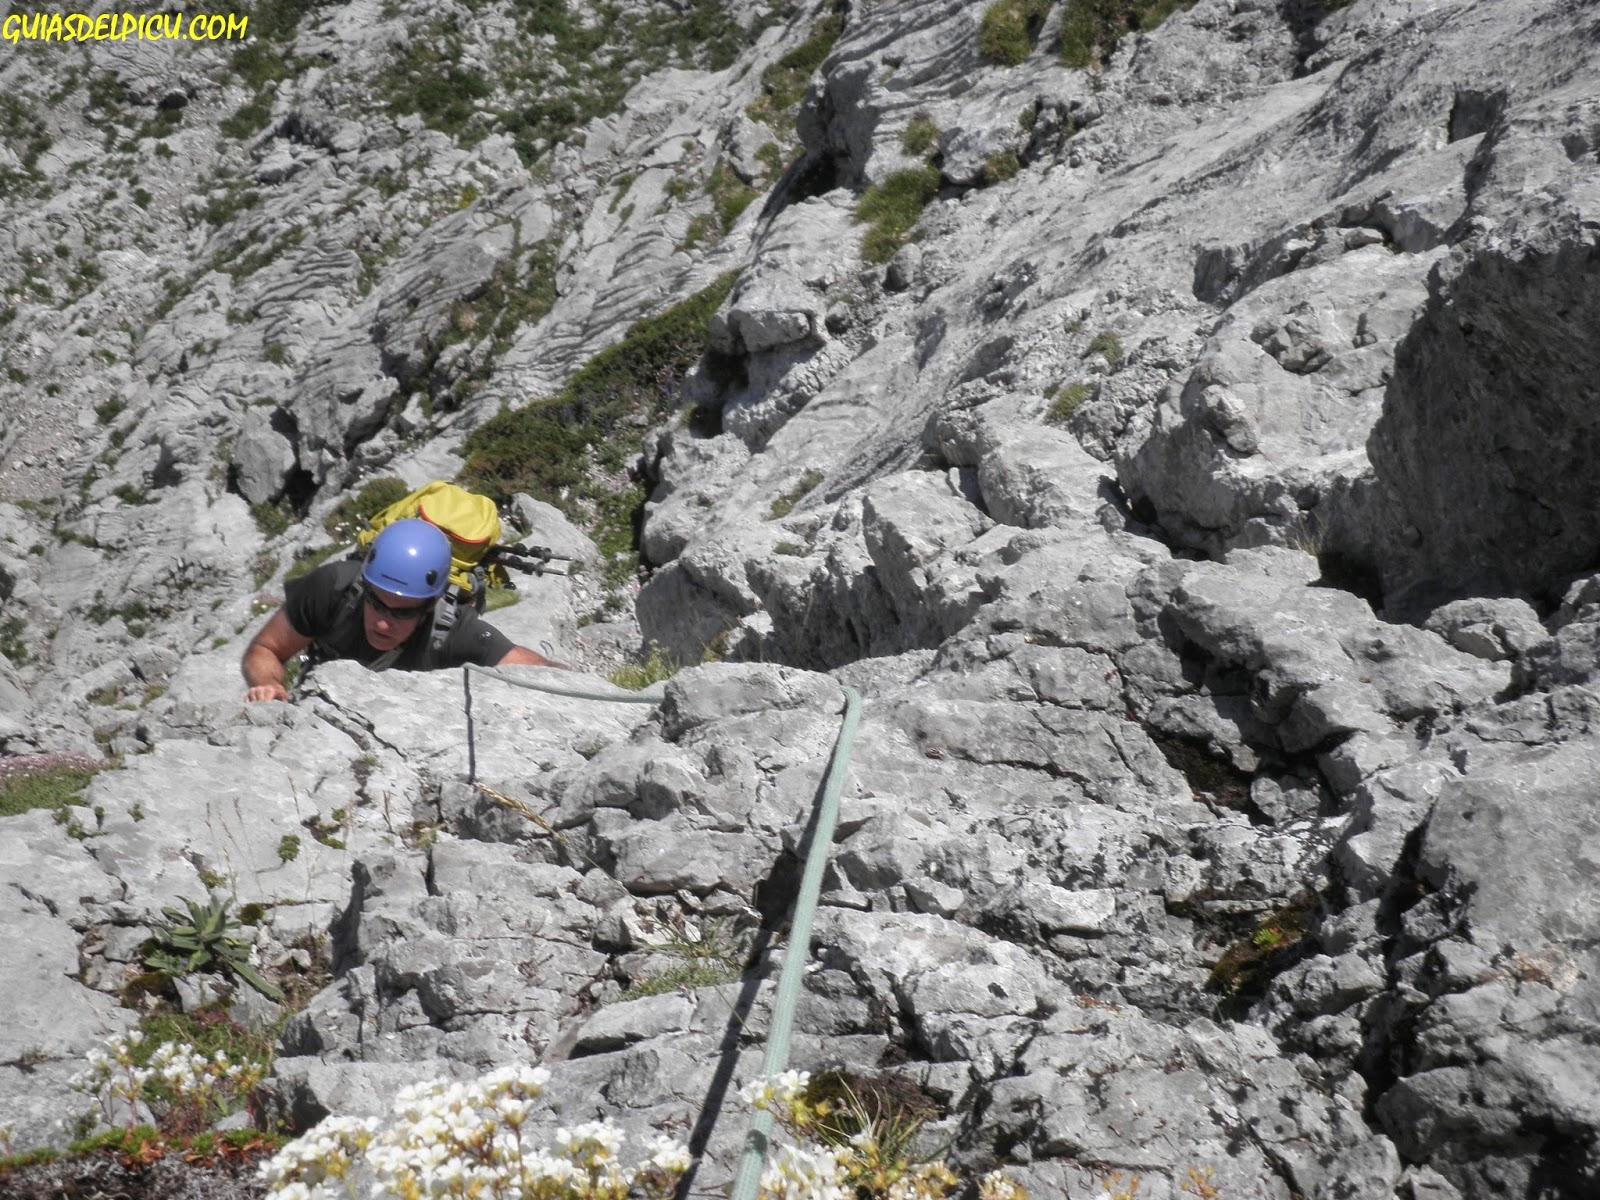 Guia de alta montaña Fernando Calvo Gonzalez, escaladas y crestas en los picos de europa